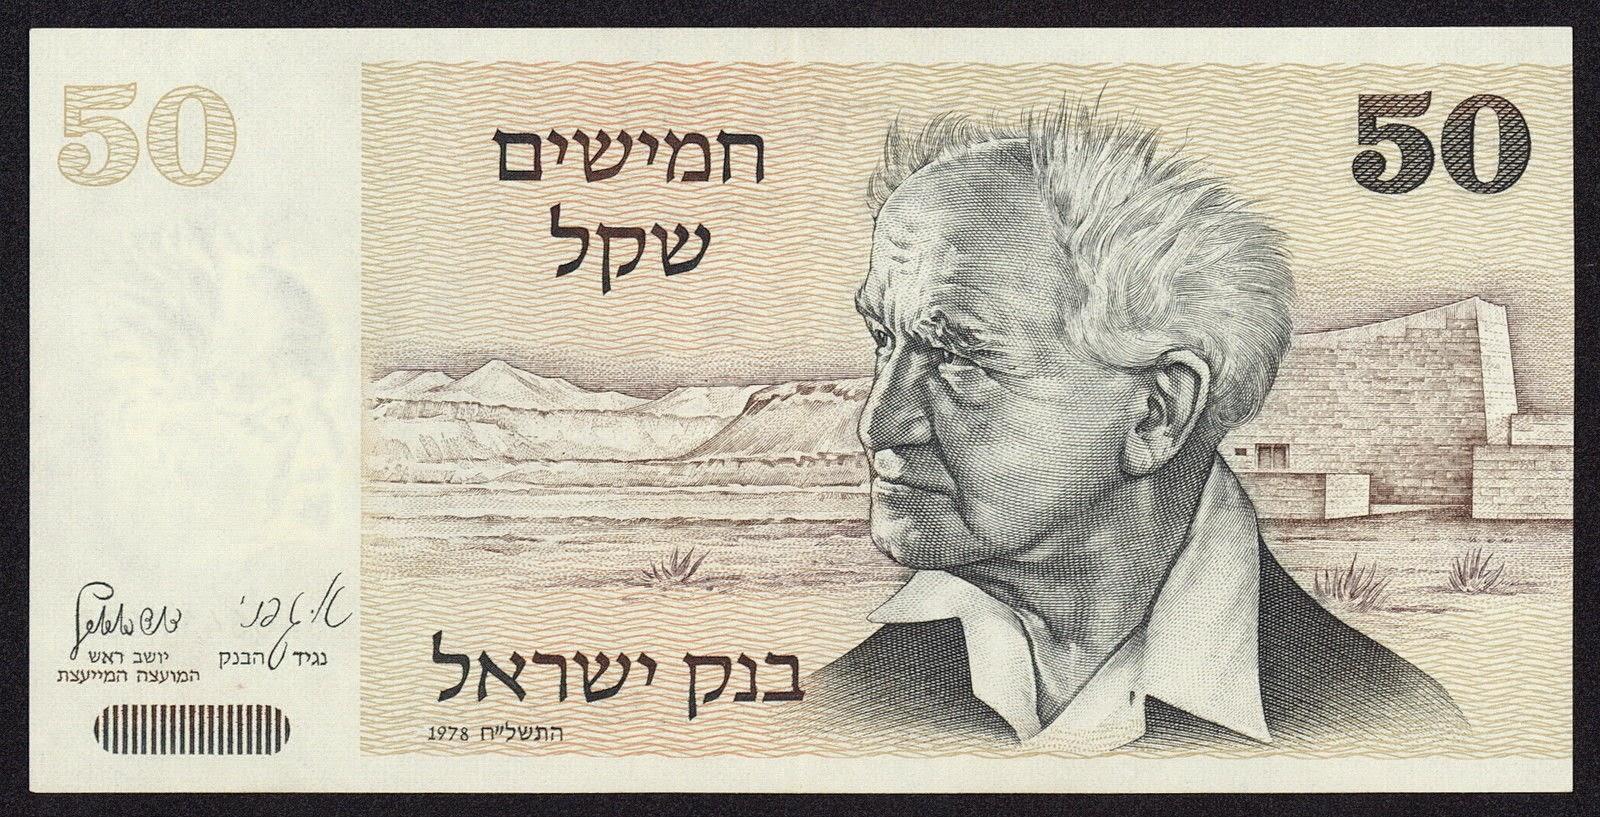 Israel banknotes 50 Sheqalim note 1978 David Ben-Gurion